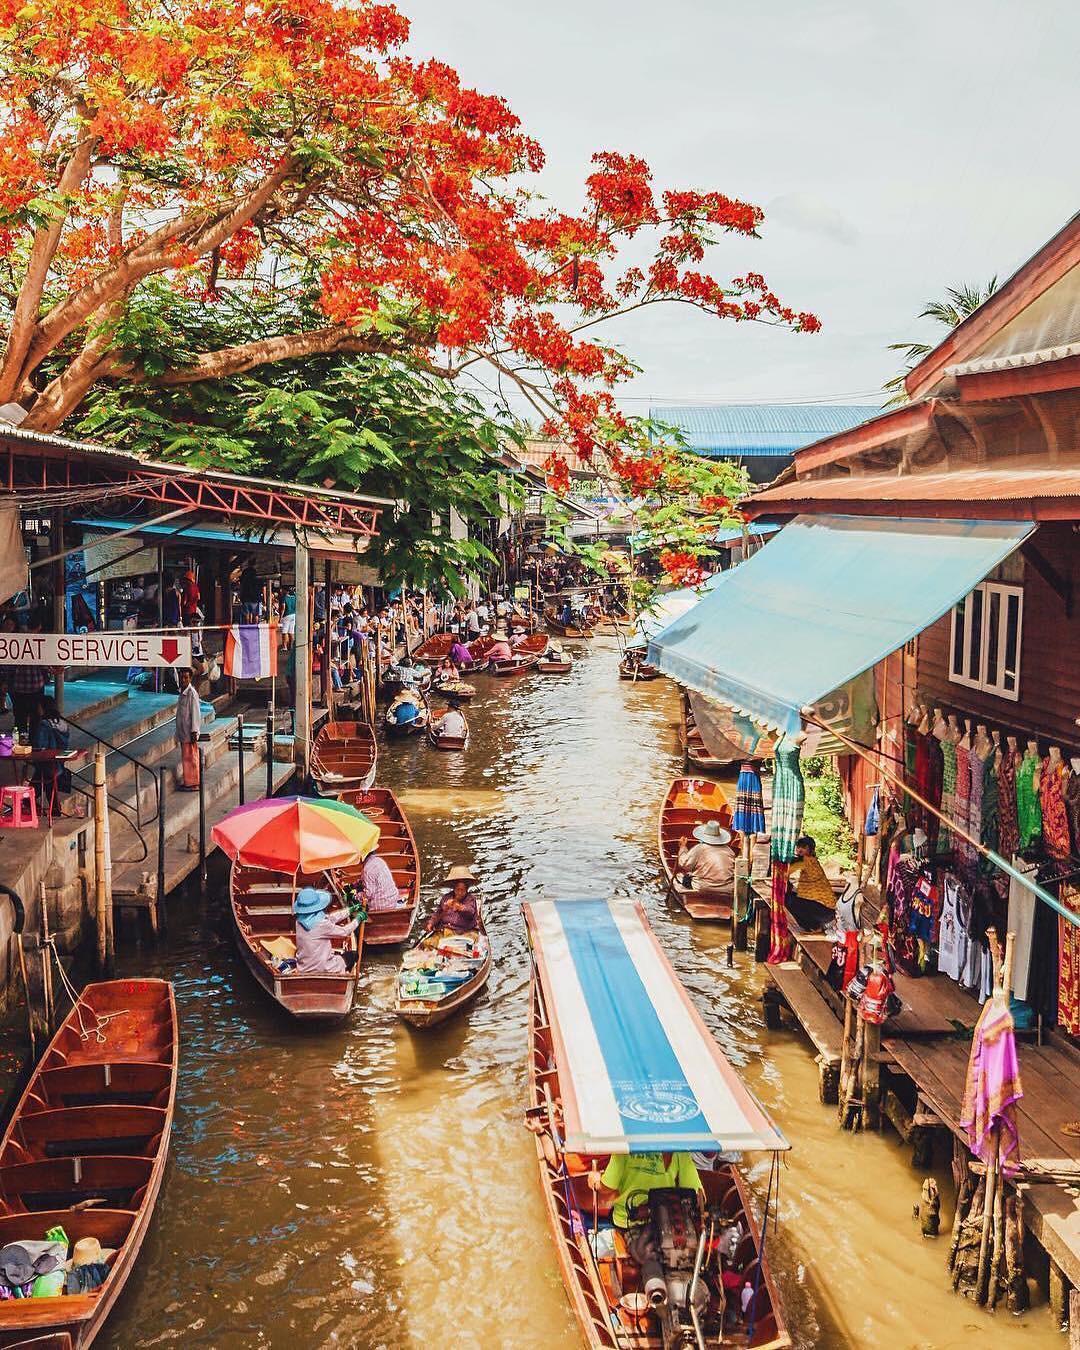 Chơi quên lối về tại những khu chợ nổi nhất định phải ghé ở Bangkok - Ảnh 9.